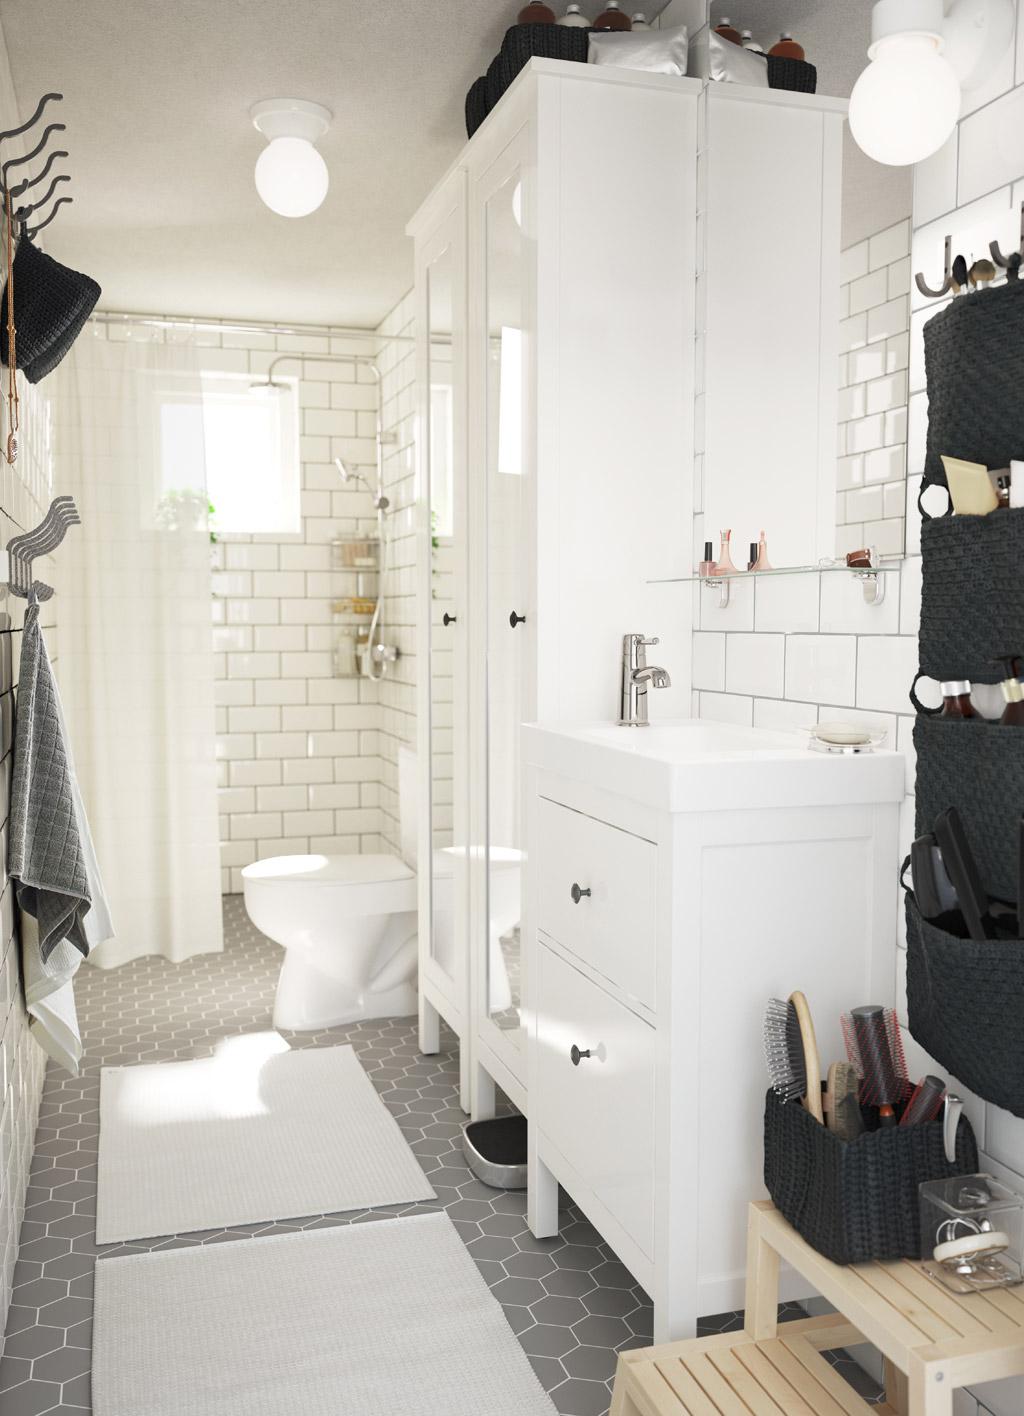 ¿Dónde encontrar muebles de baño baratos?